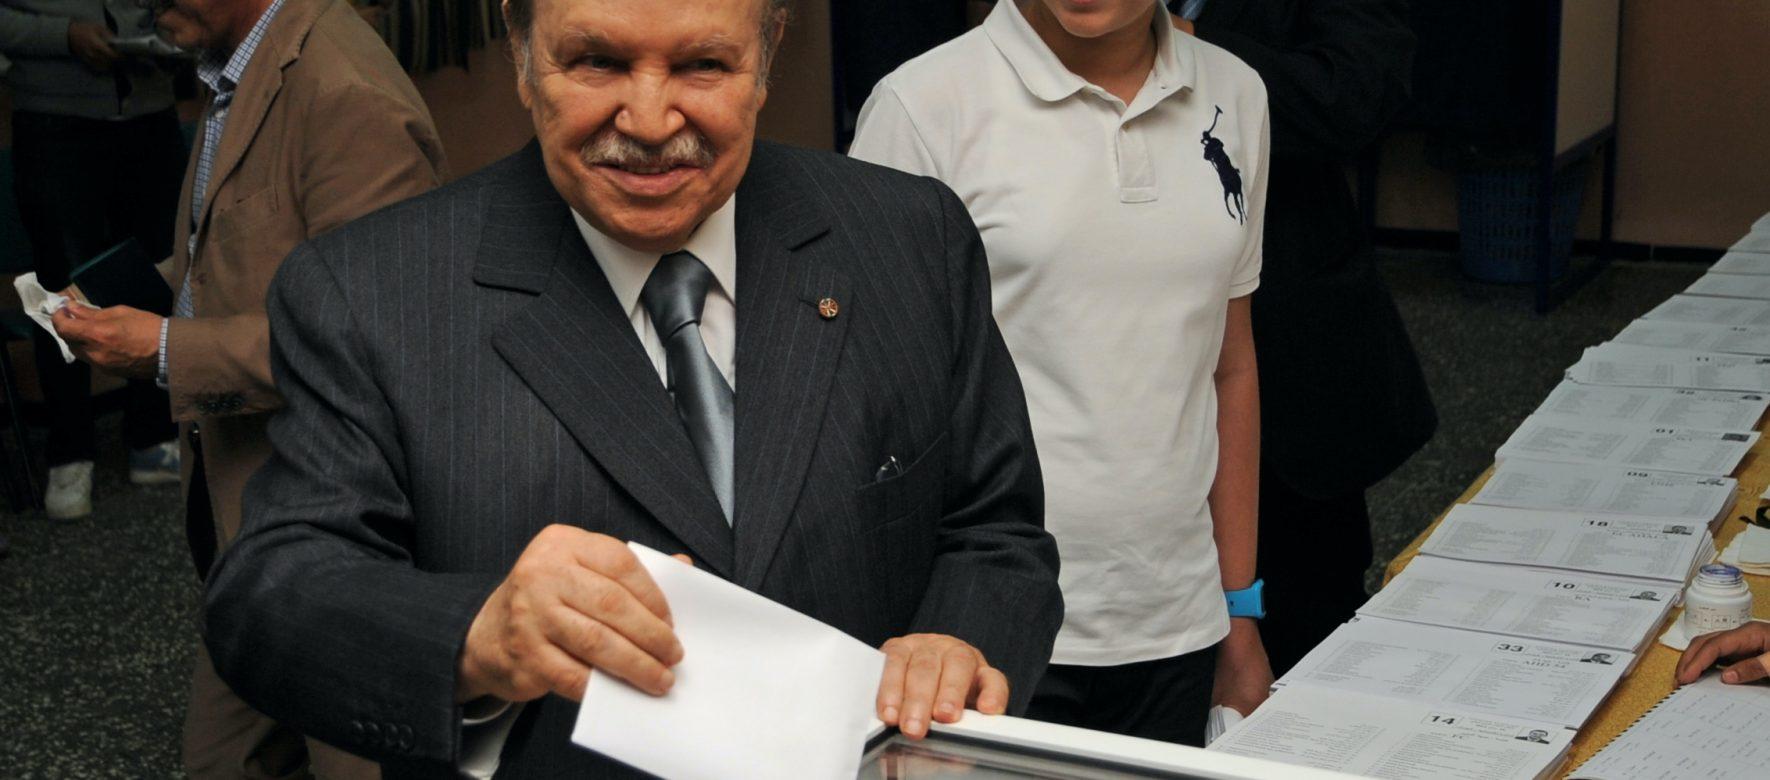 Abdelaziz Bouteflika, du pouvoir absolu à la disgrâce, histoire d'un homme qui aura marqué l'Algérie